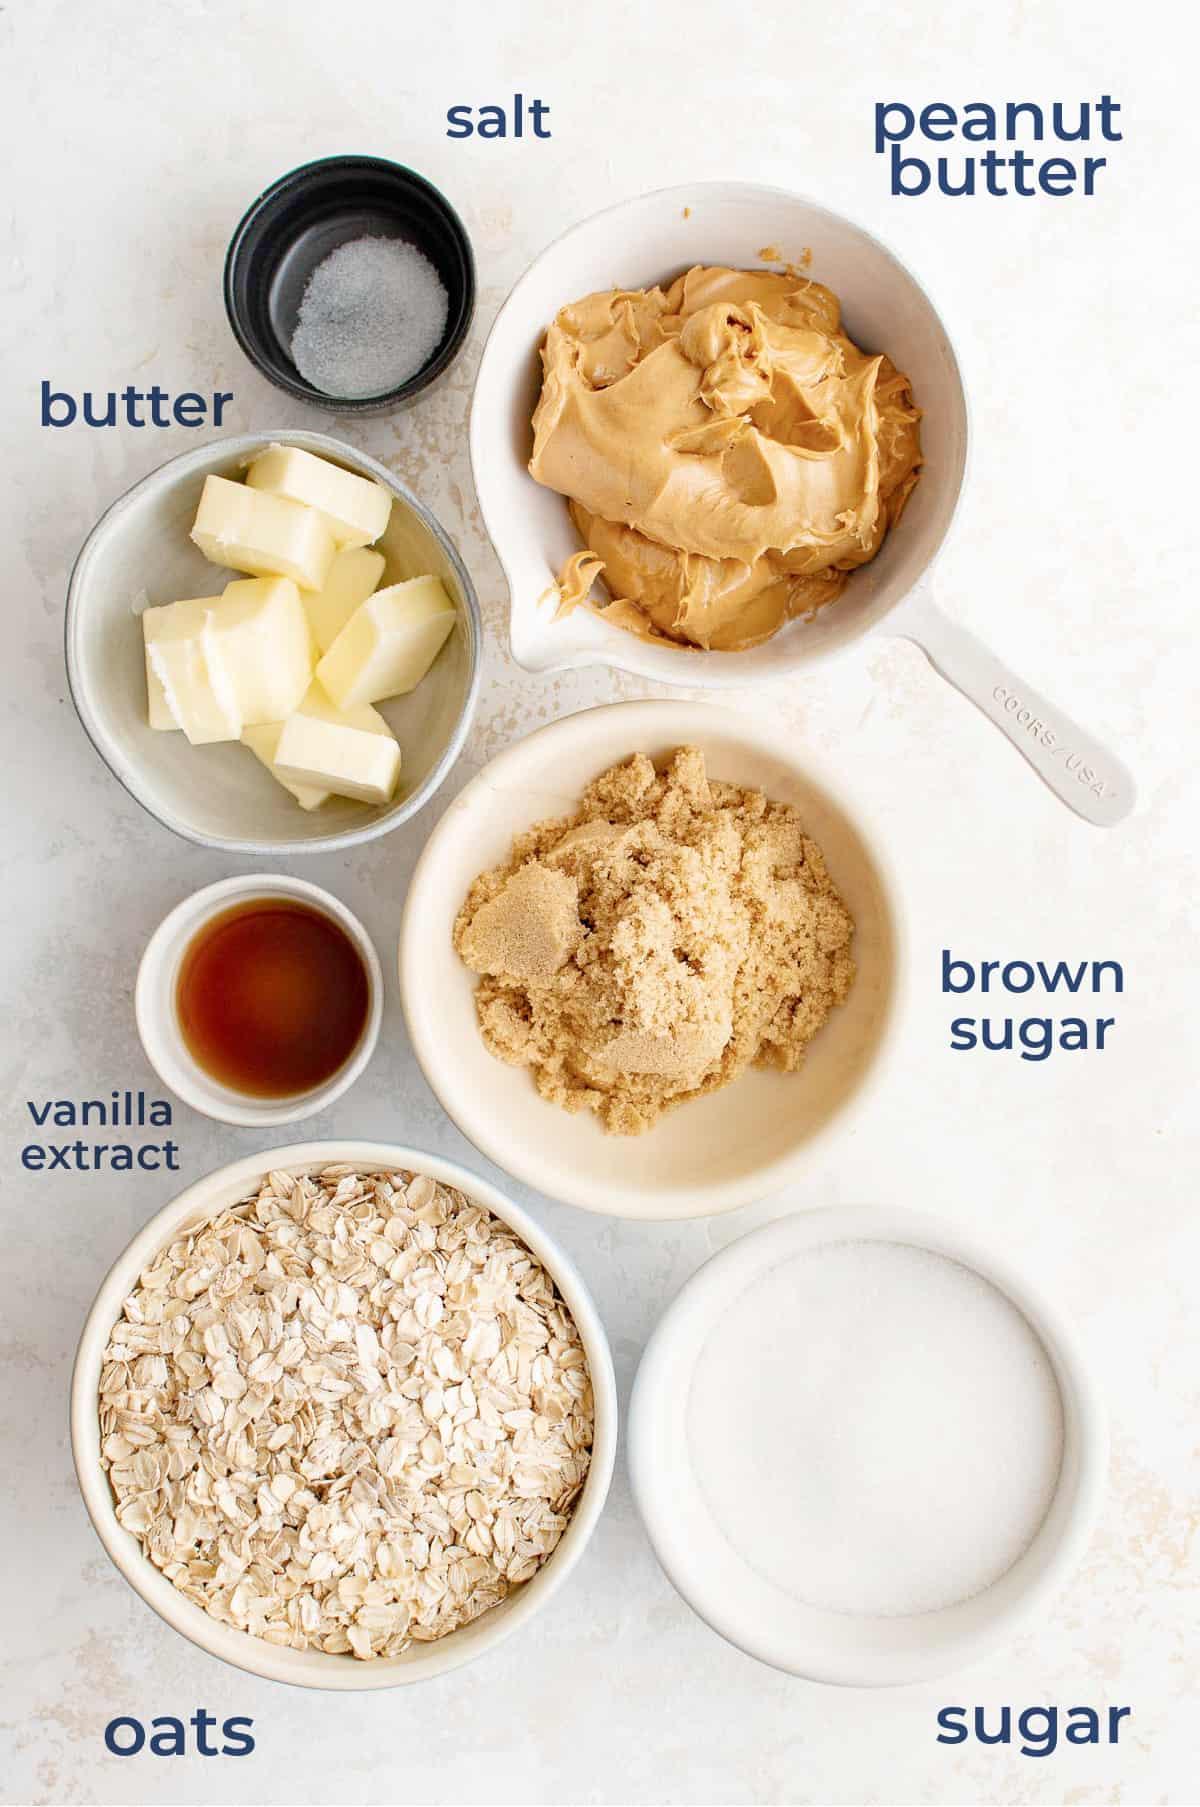 ingredients in bowls, peanut butter, sugar, brown sugar, vanilla, butter, salt